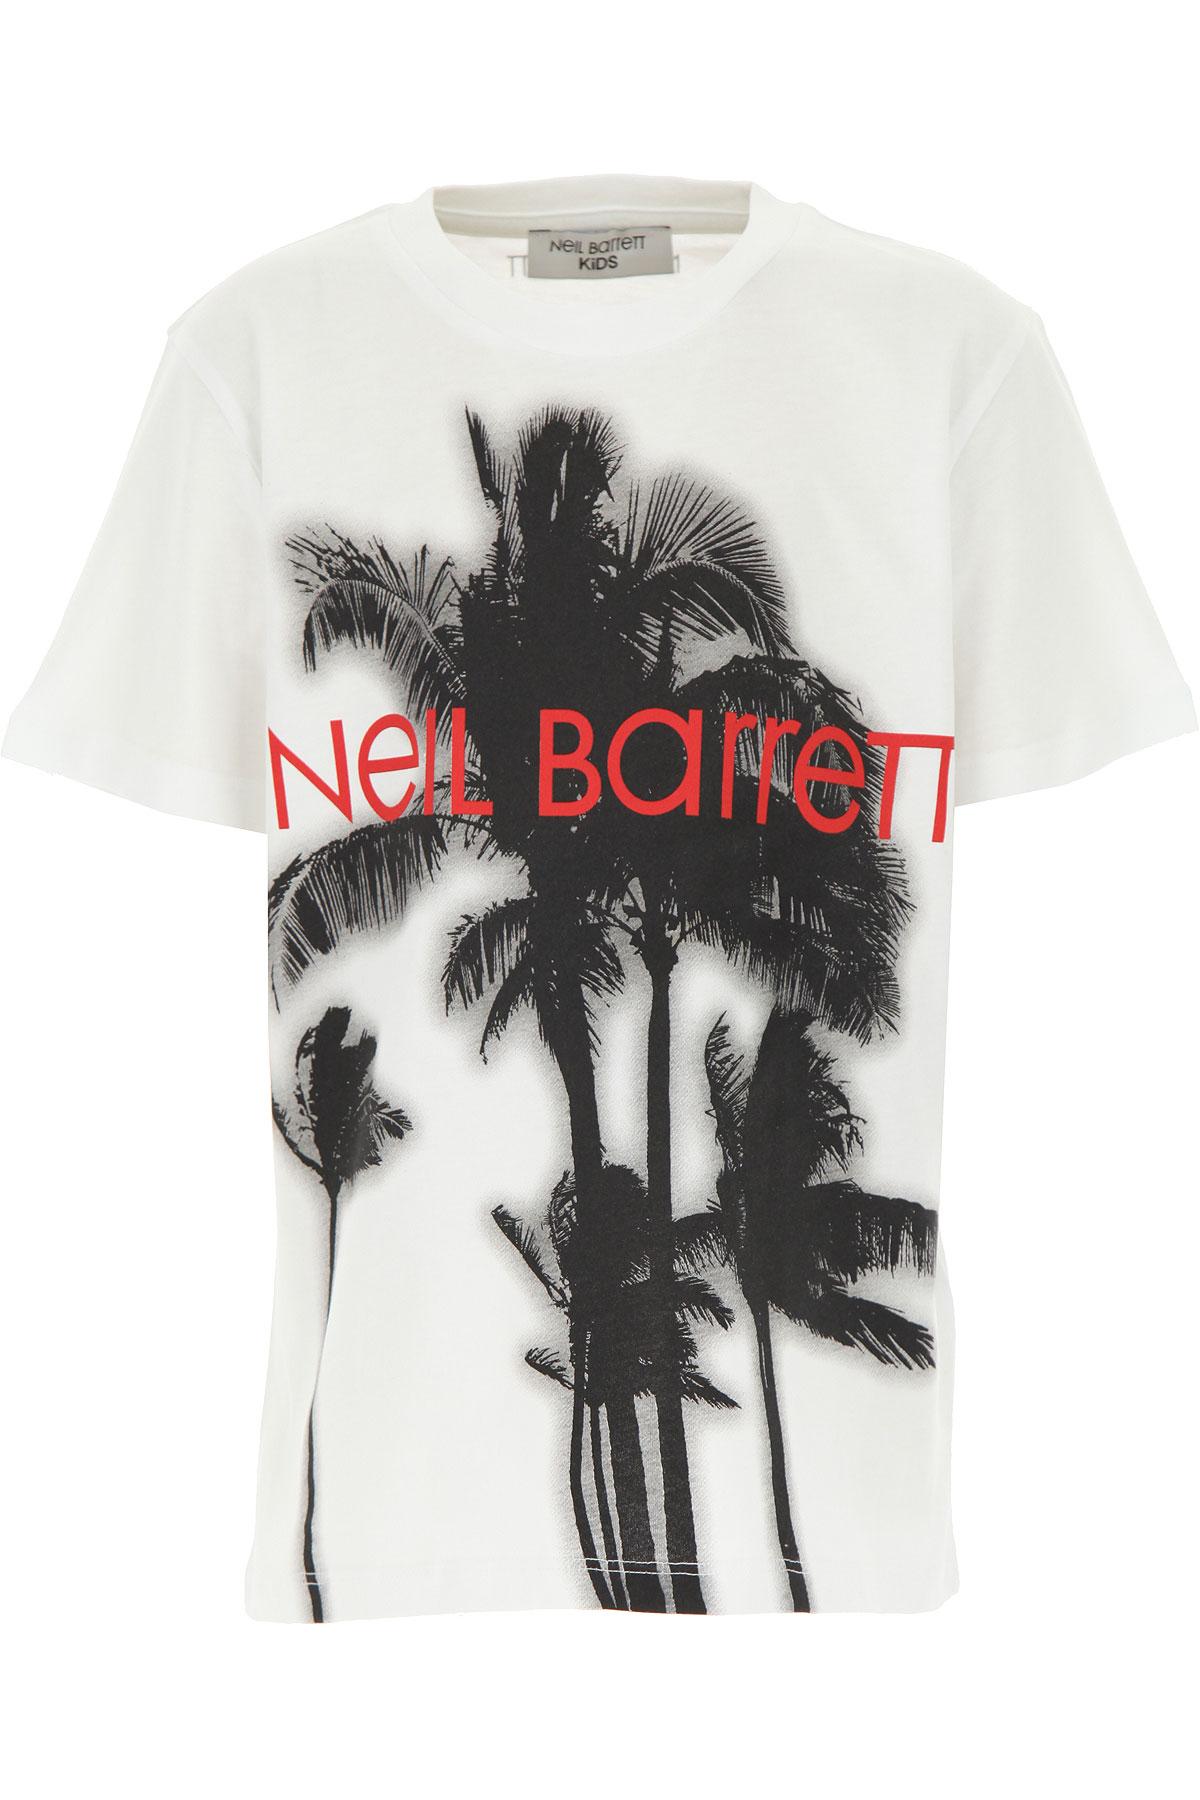 Neil Barrett Kids T-Shirt for Boys On Sale, White, Cotton, 2019, 10Y 14Y 8Y